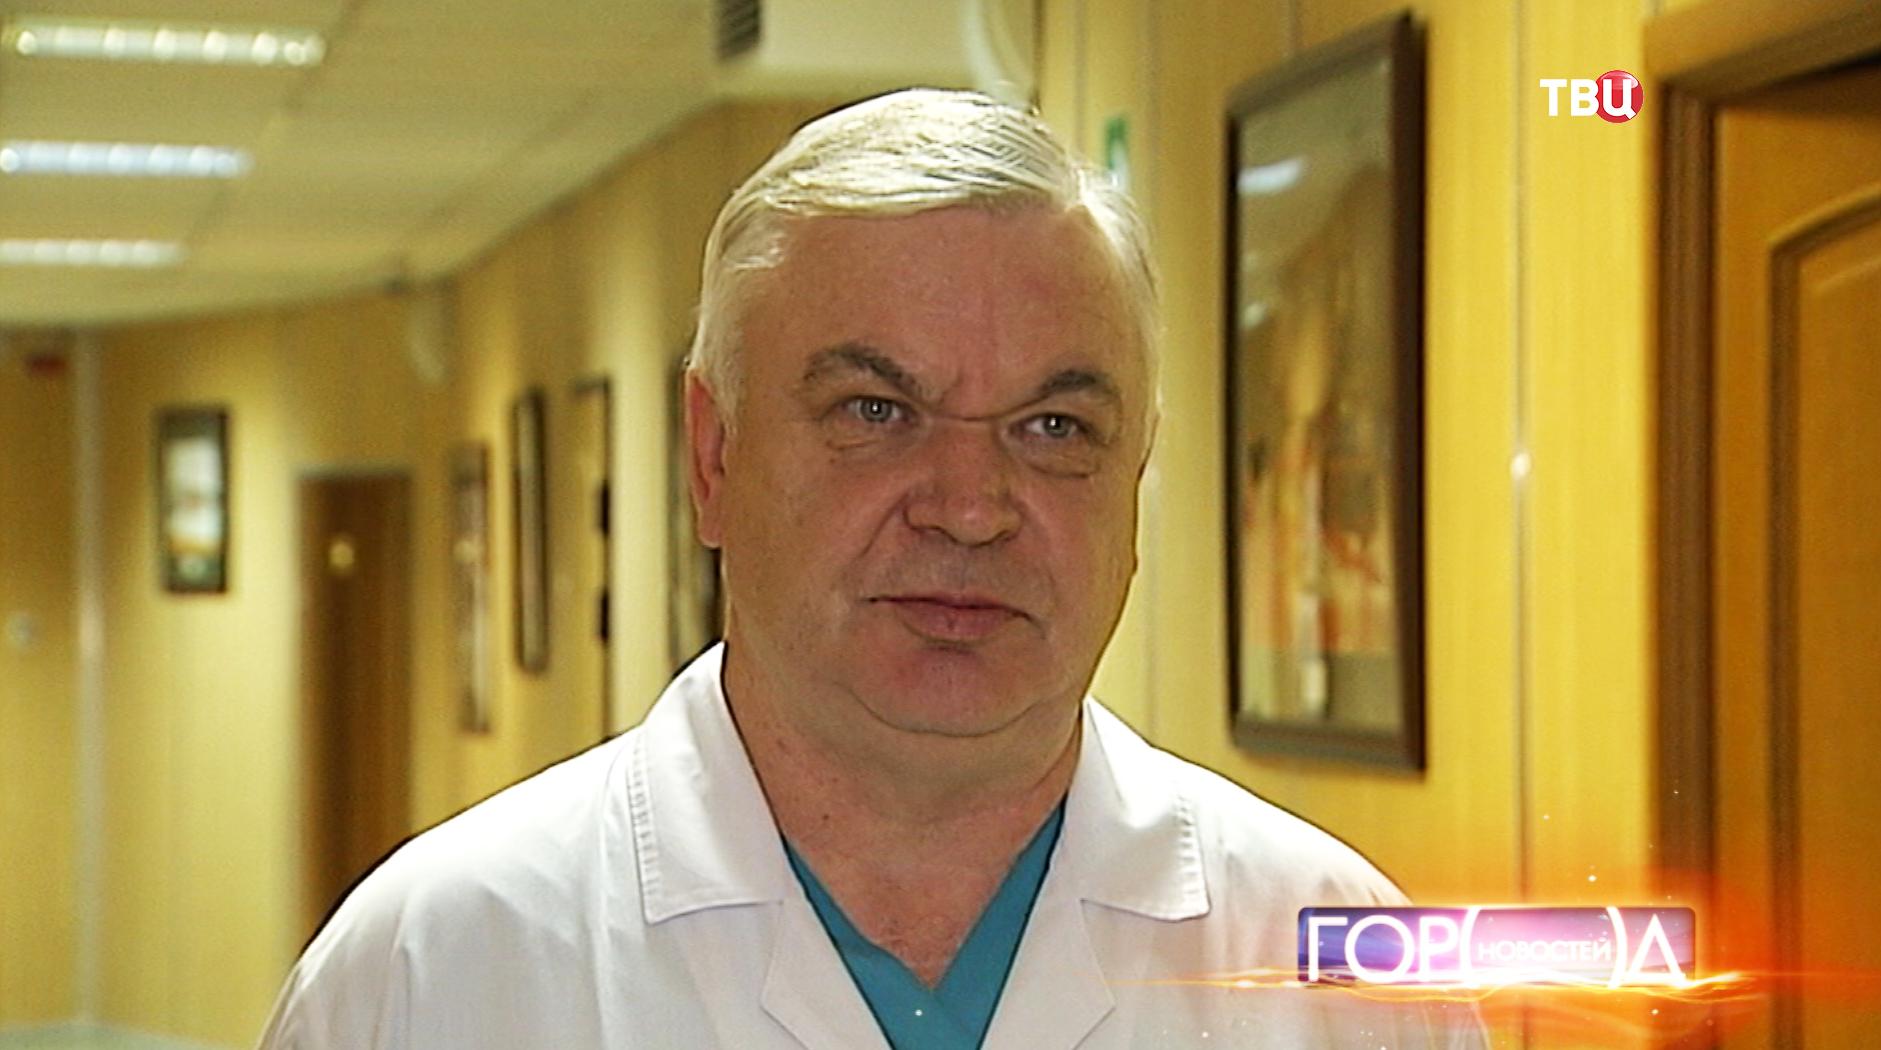 Заместитель главного врача по хирургии Виктор Шеин